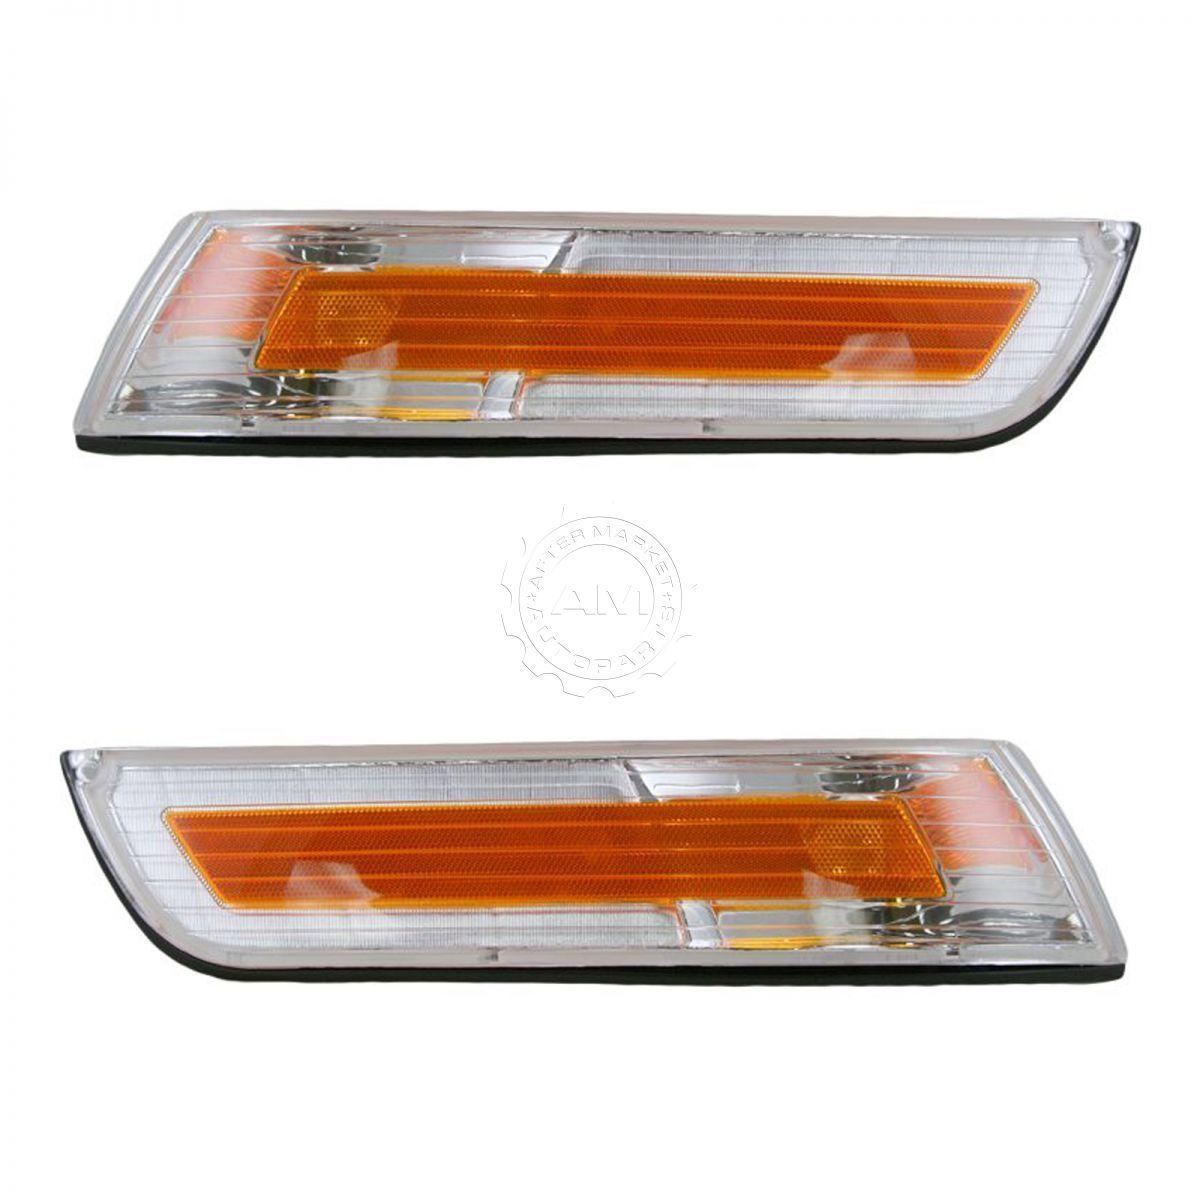 コーナーライト Side Marker Light Pair for Mercury Grand Marquis 95 96 97 マーキュリーグランドマーキスのサイドマーカーライトペア95 96 97